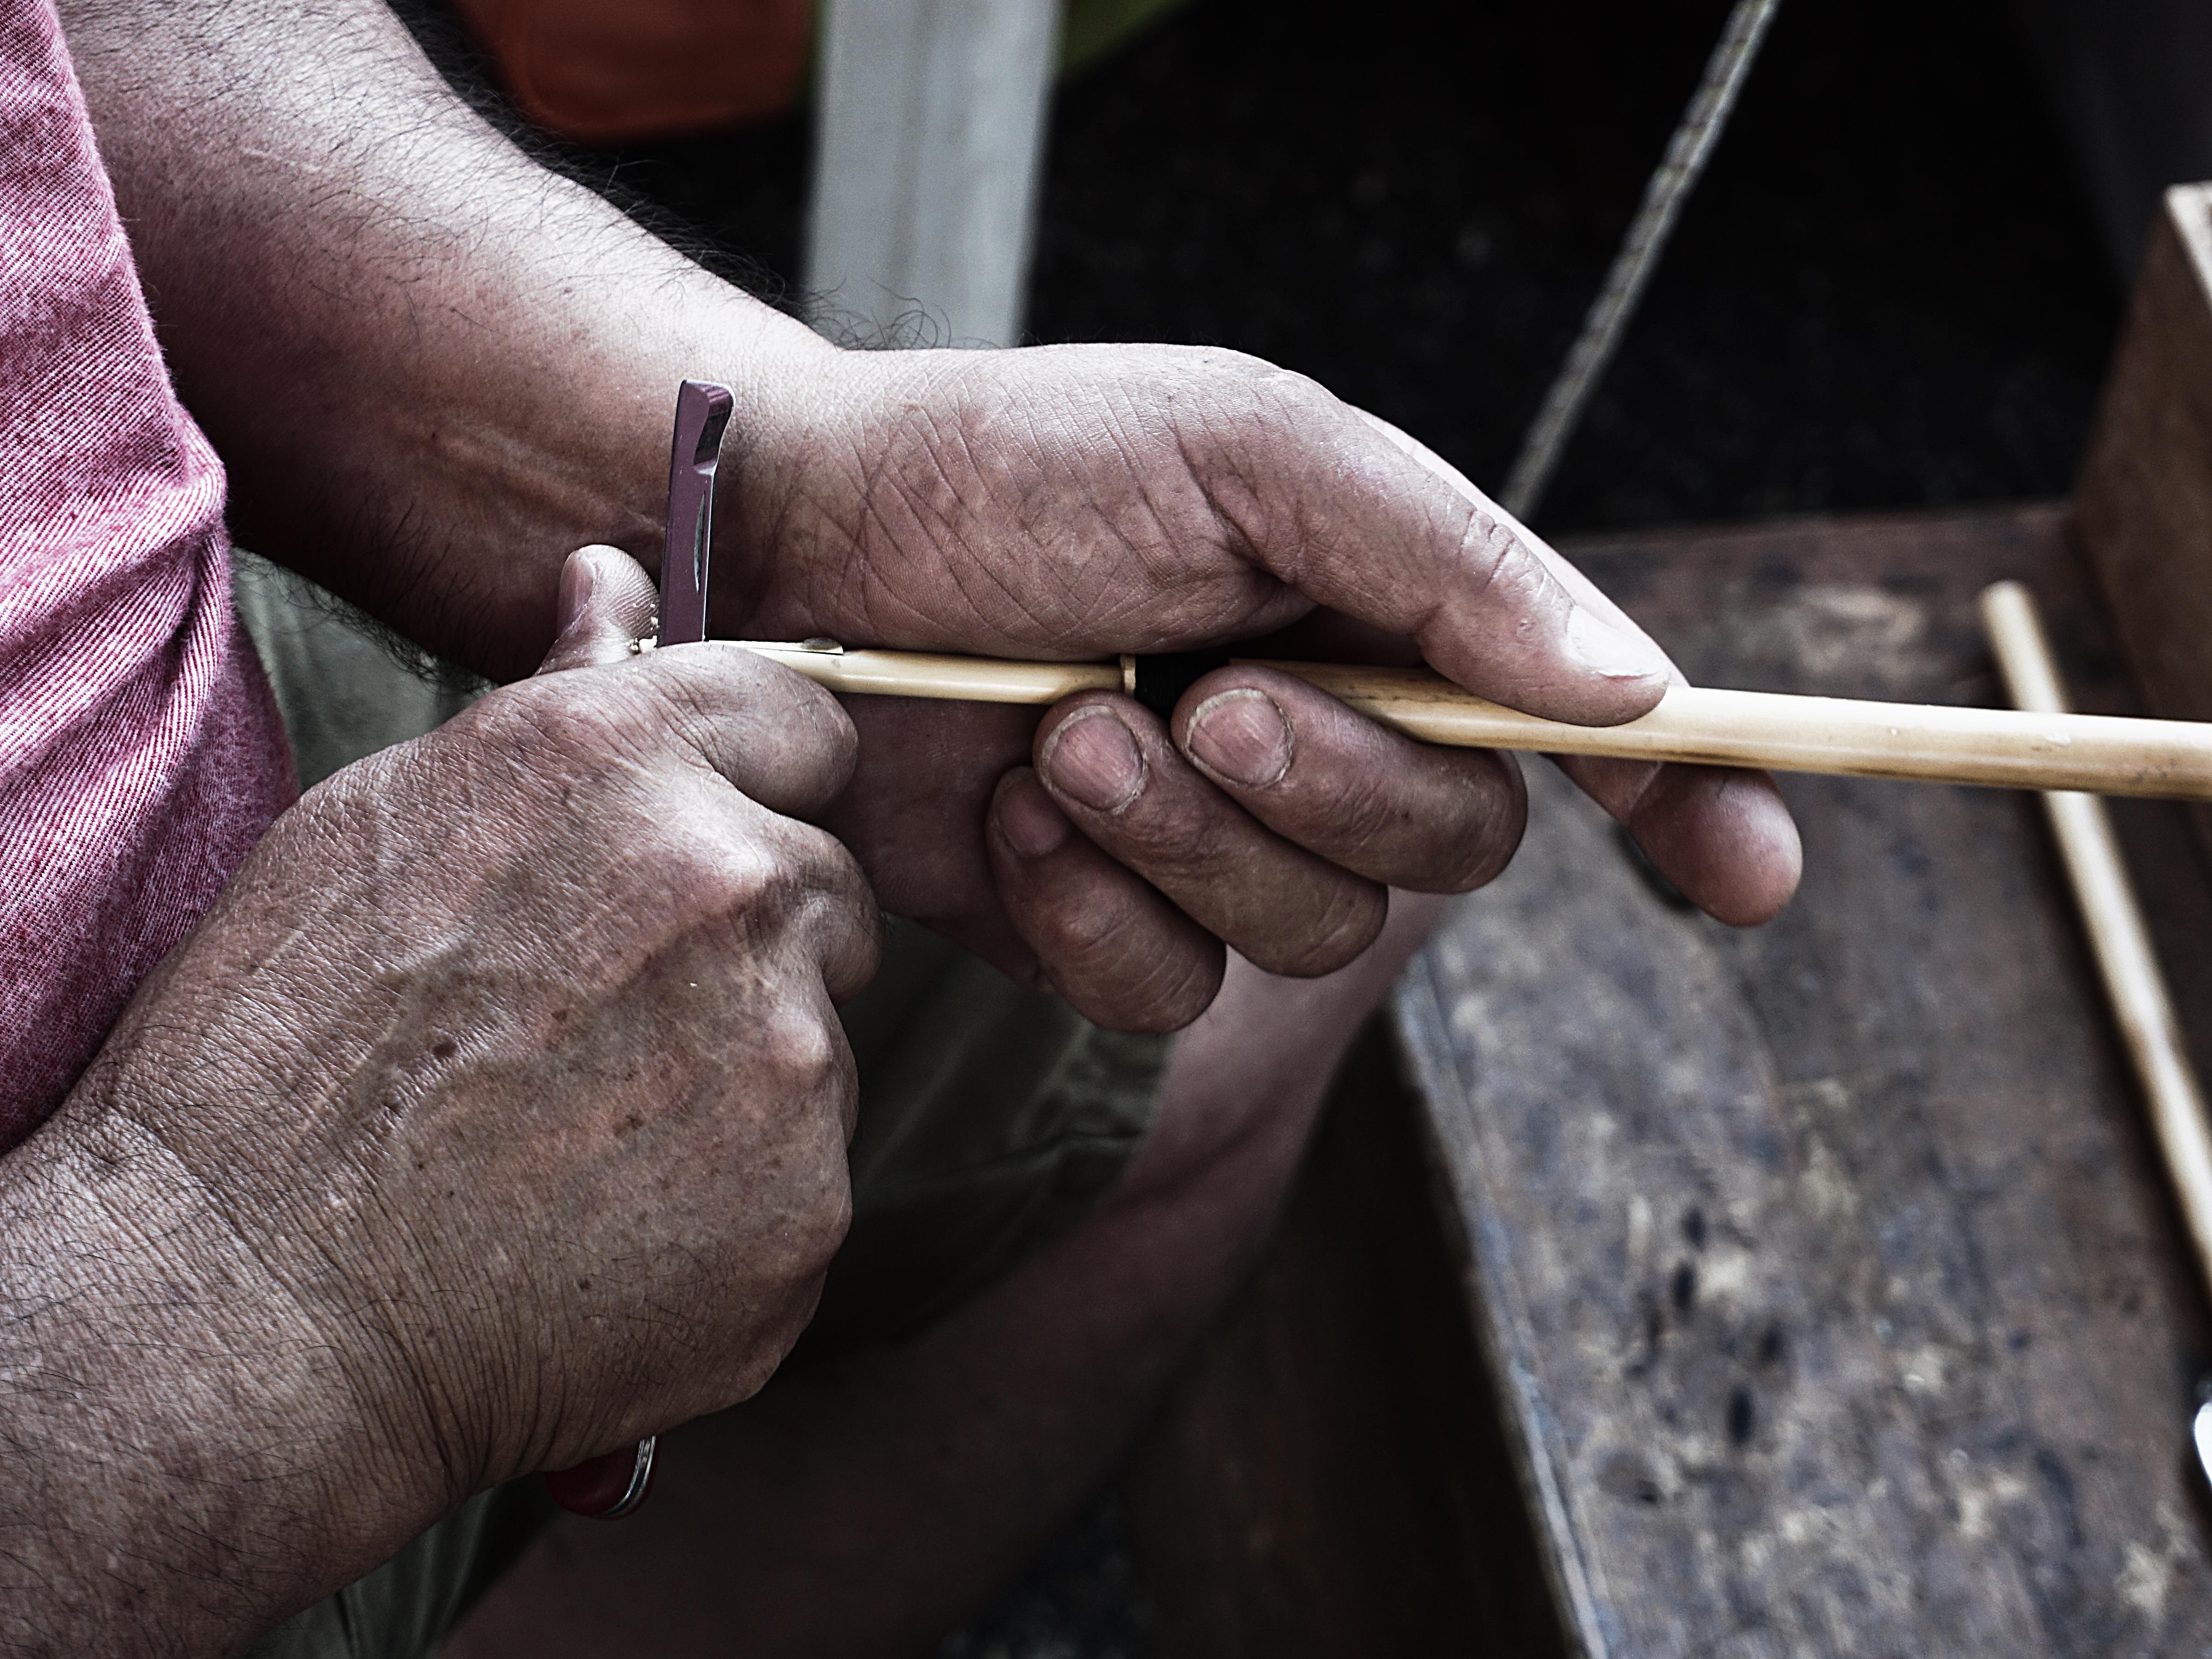 Storie di uomini e note antiche: viaggio nella Sardegna degli artigiani della musica (Parte seconda)